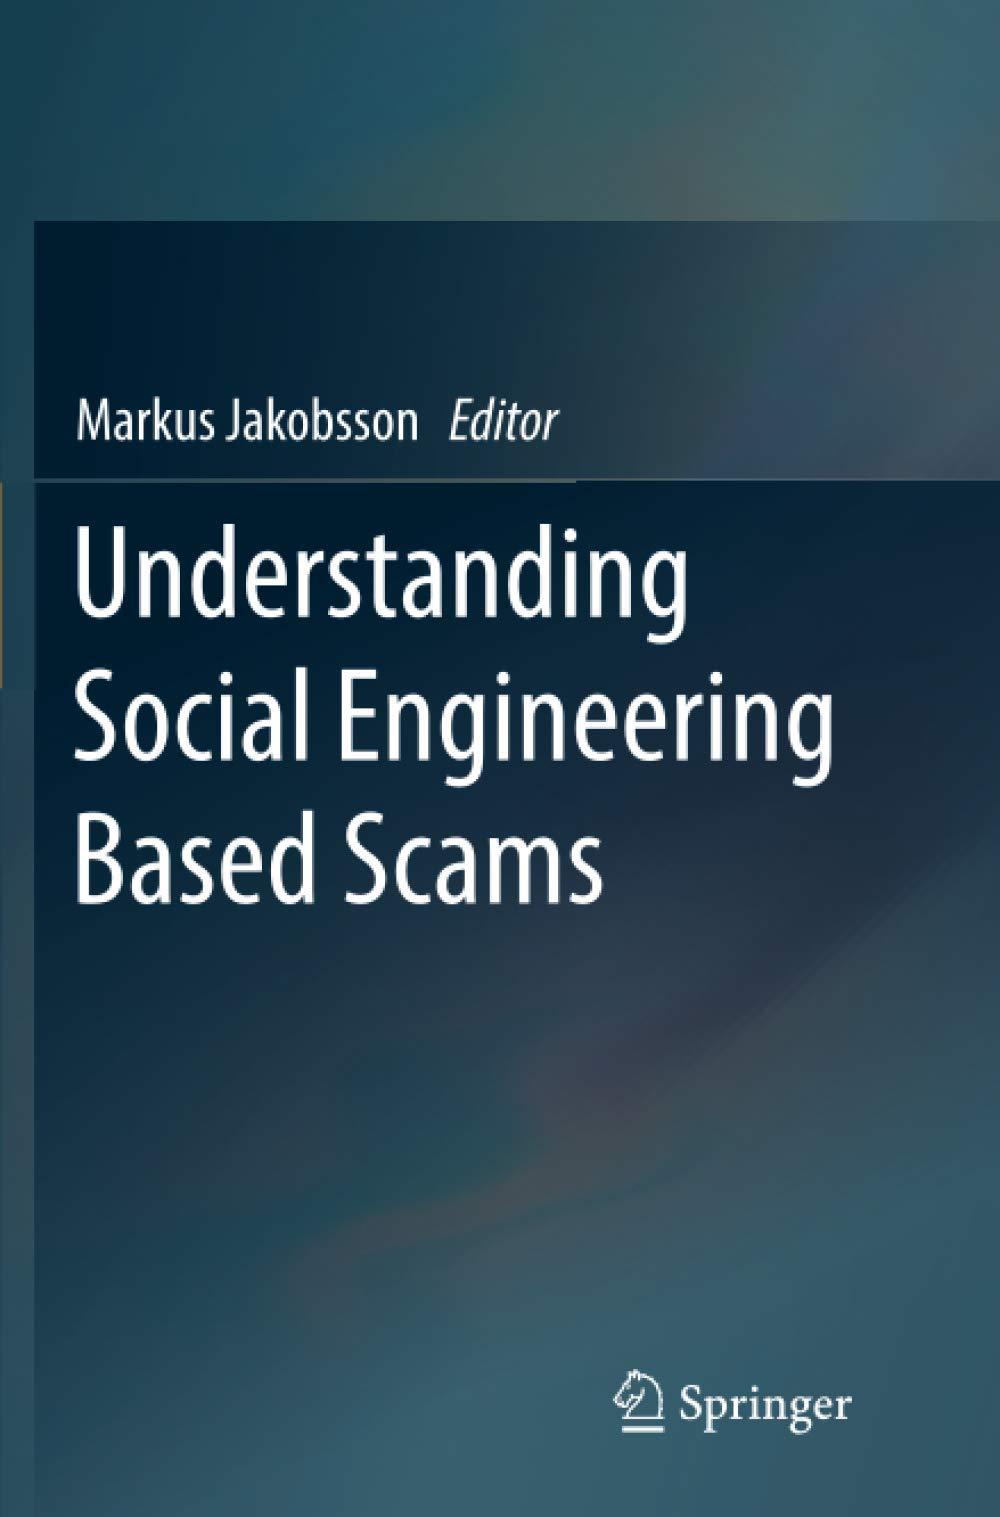 Understanding Social Engineering Based Scams.